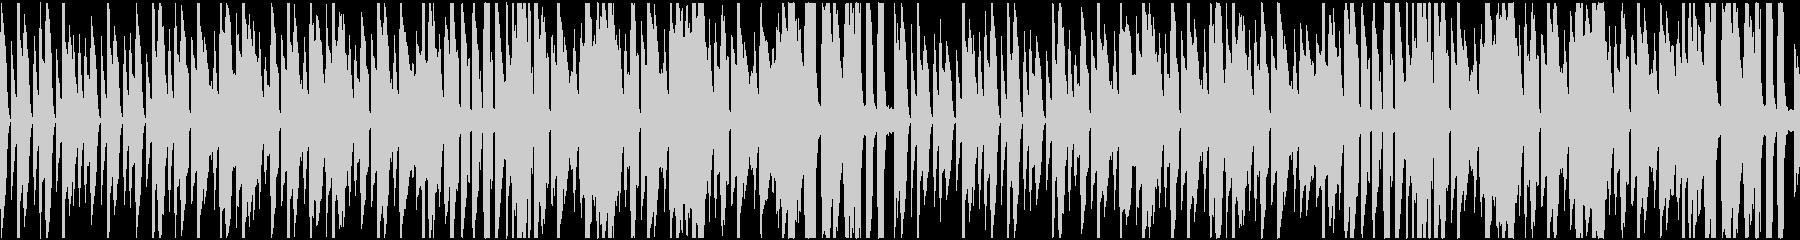 ほのぼのとした日常を表現した曲の未再生の波形